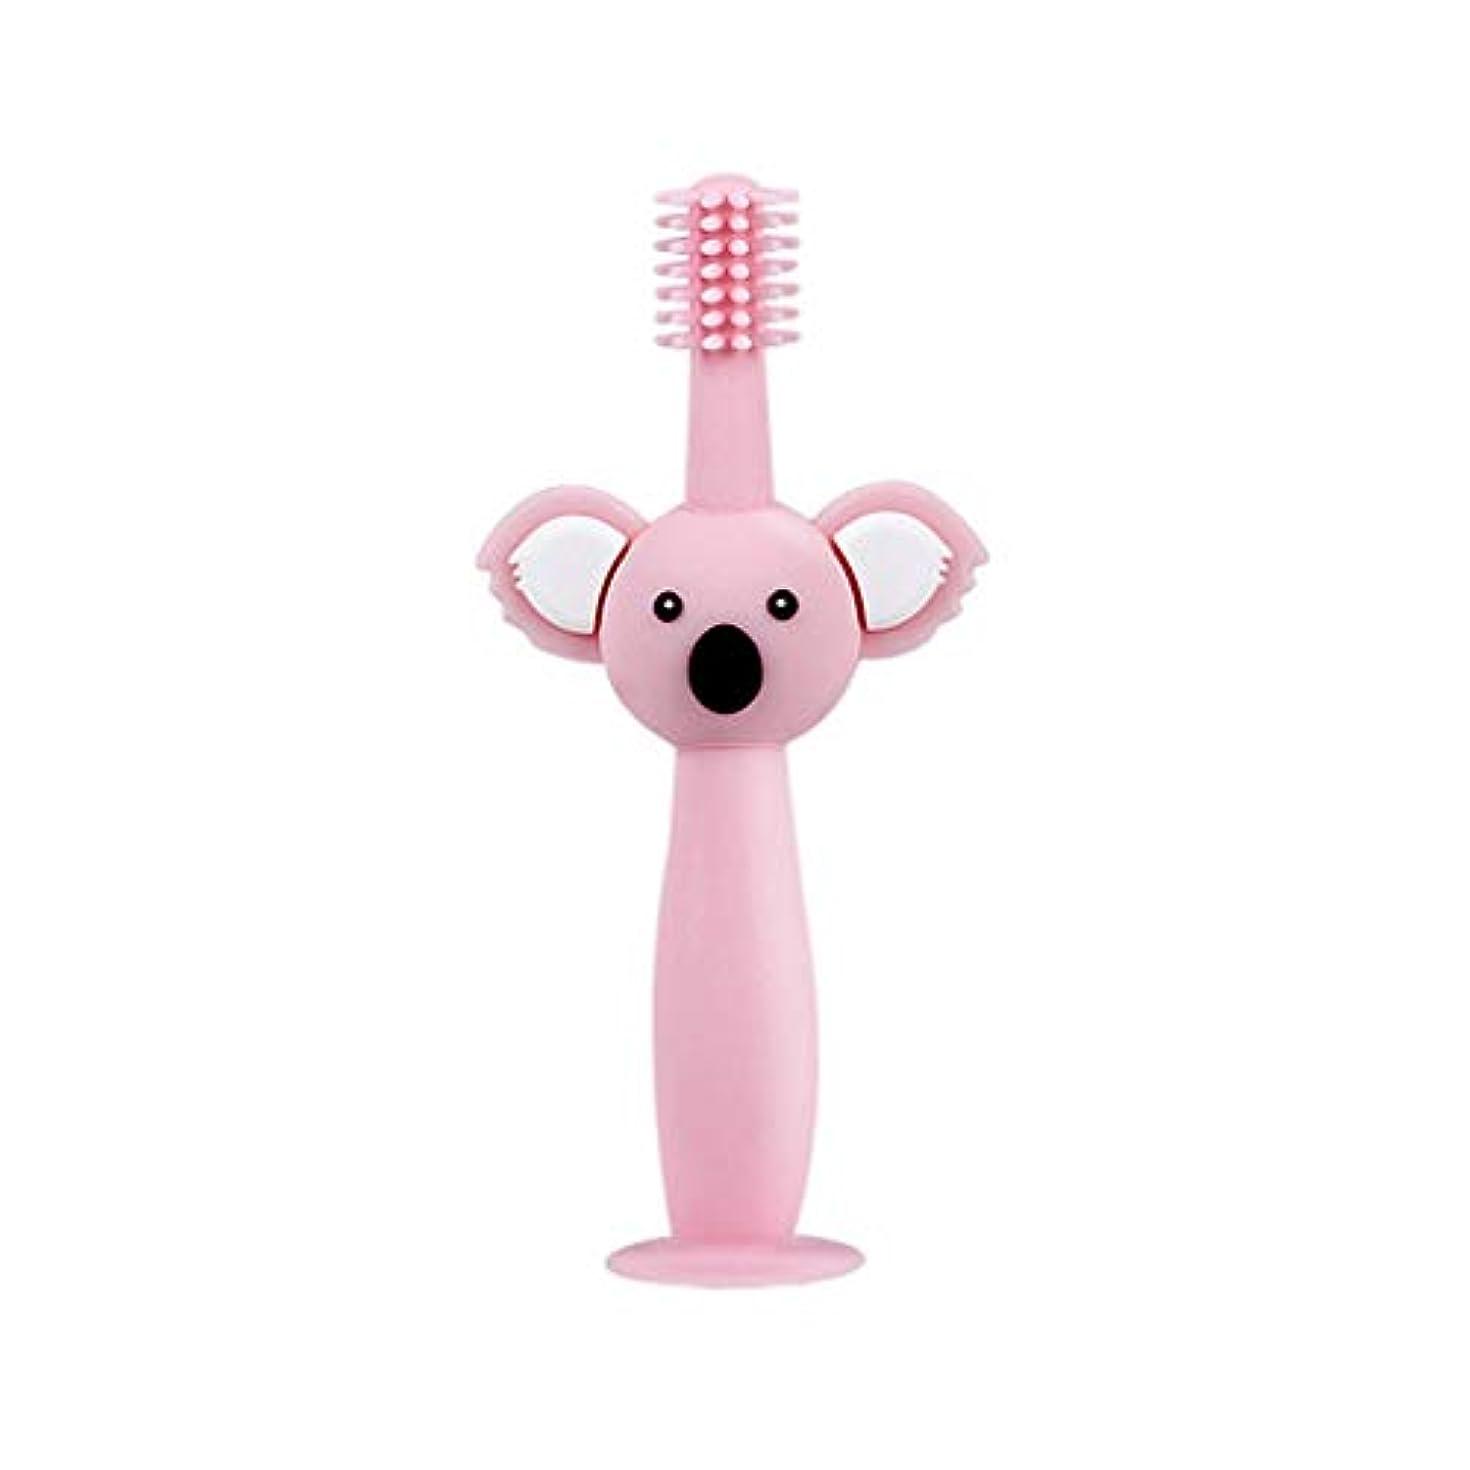 振りかける被る明日Biuuu 360°赤ちゃん歯ブラシコアラ頭ハンドル幼児ブラッシング歯トレーニング安全なデザインソフト健康シリコーン幼児口腔ケア (ピンク)